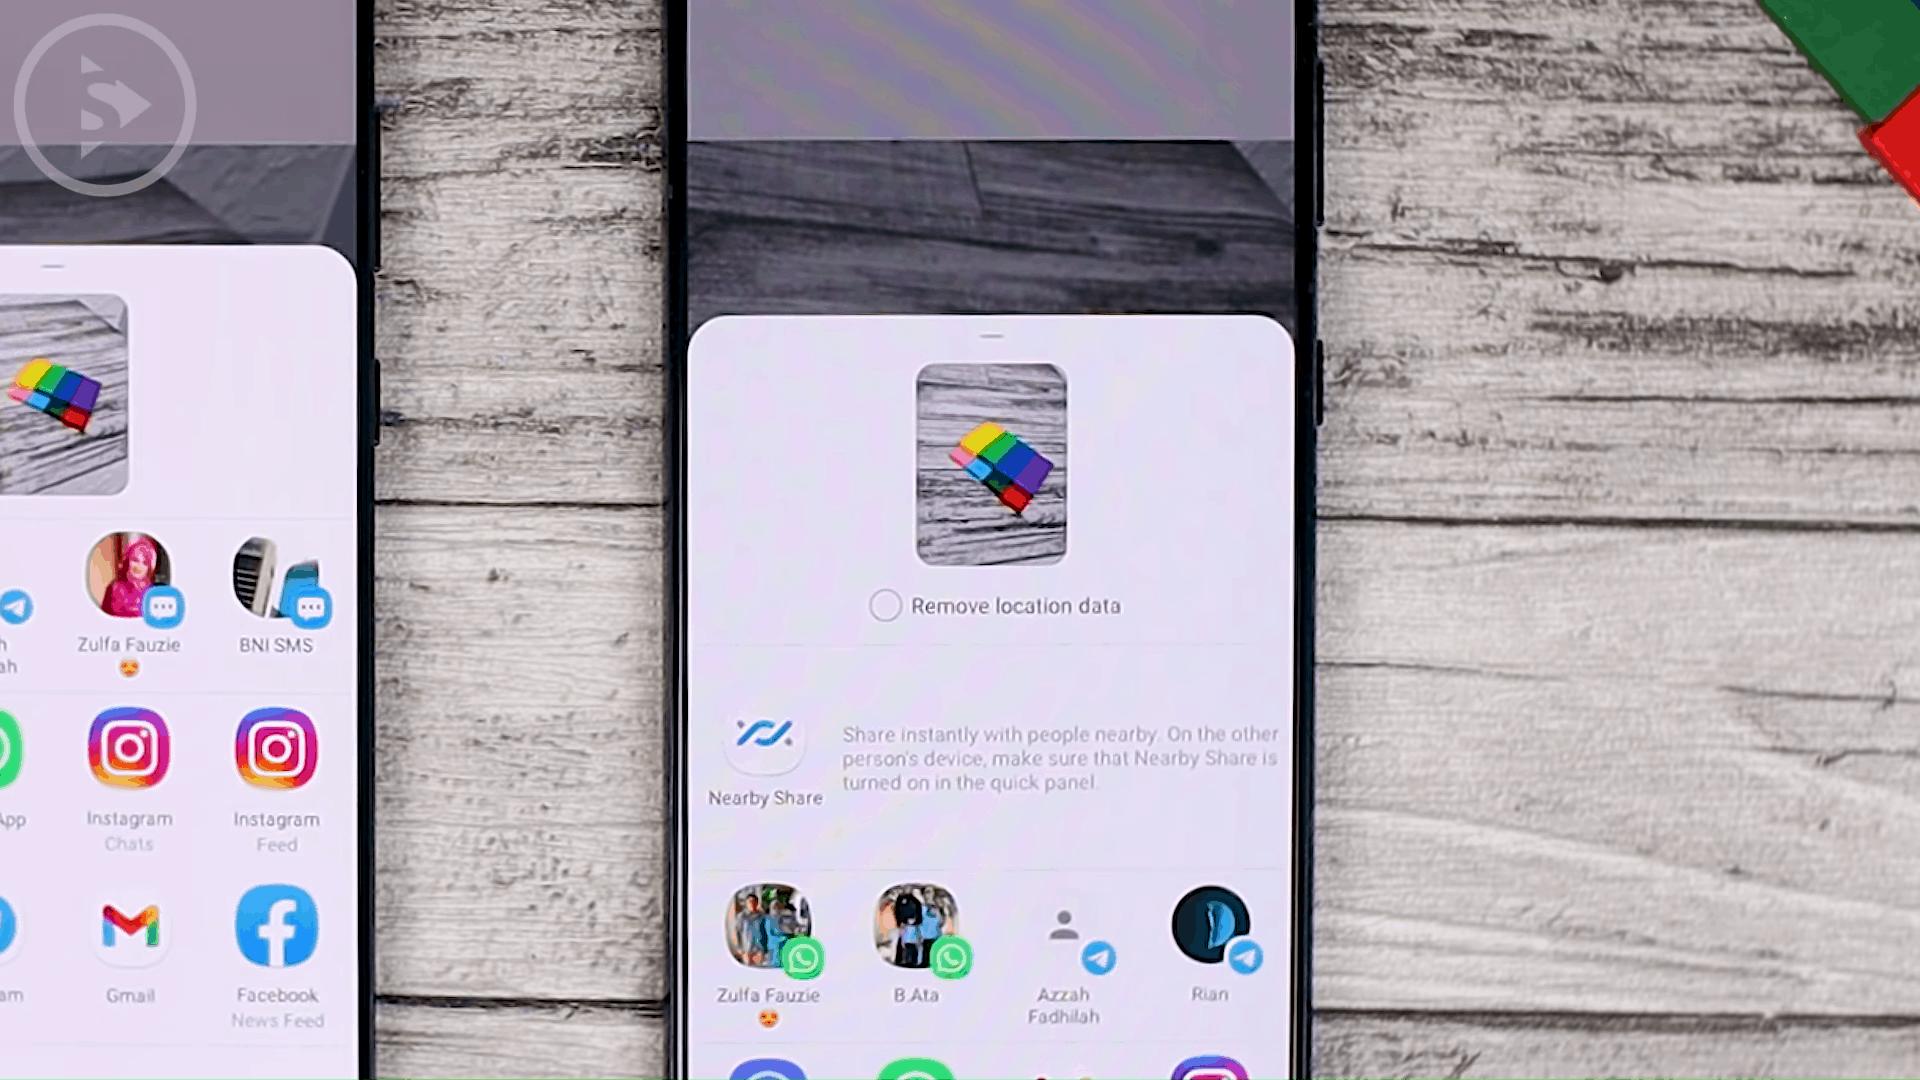 Remove Location Data - Cek Fitur Terbaru One UI 3.1 di Samsung S21+ yang Belum Tersedia di One UI 3.0 Samsung S20+ (PART 1)